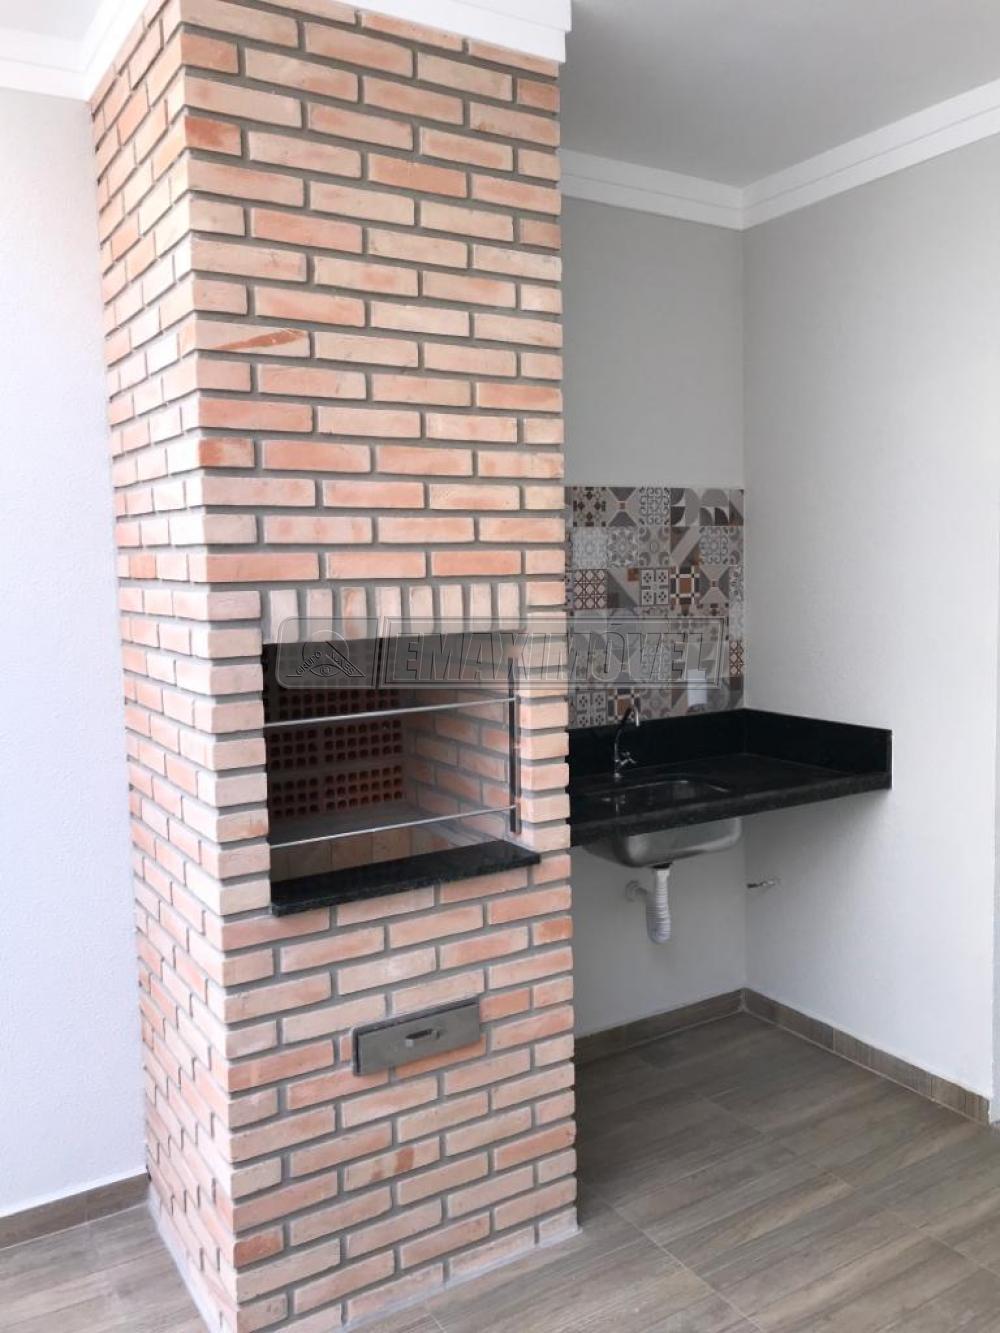 Comprar Casas / em Condomínios em Sorocaba apenas R$ 370.000,00 - Foto 14